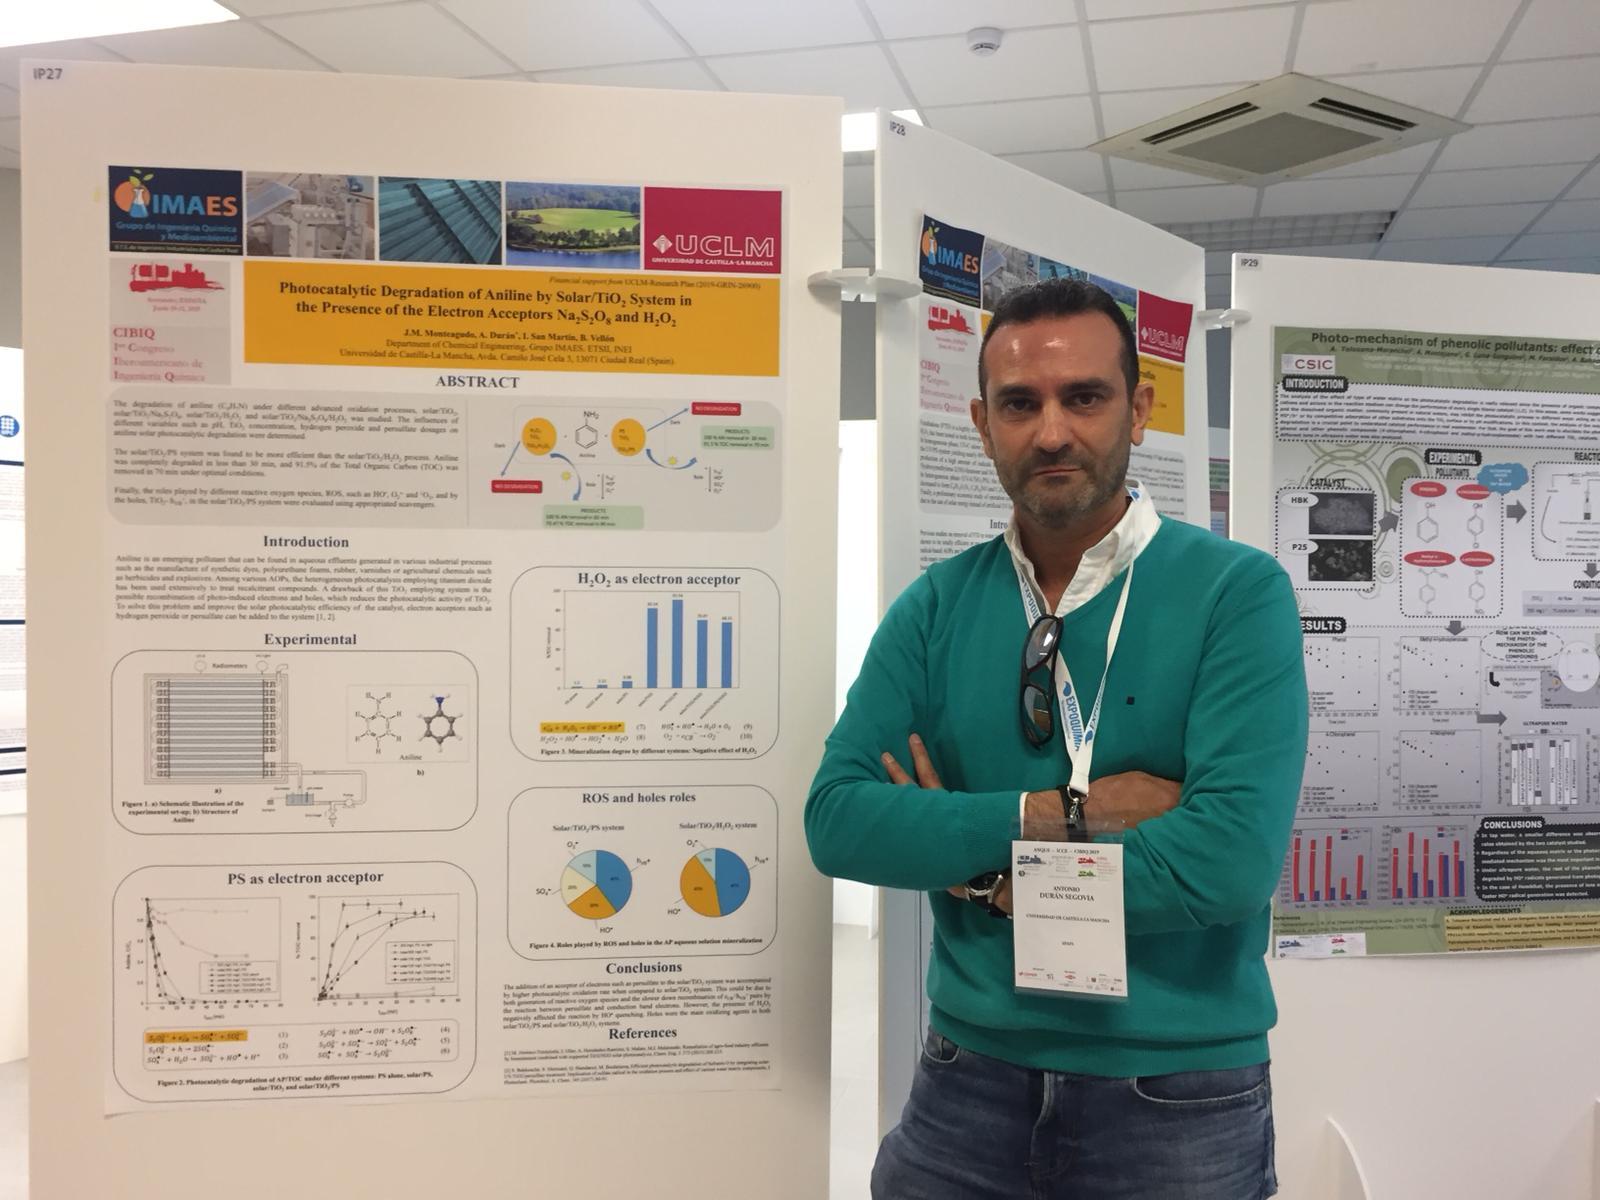 El profesor Durán, del grupo IMAES de la UCLM, asiste al 1º Congreso Iberoamericano de Ingeniería Química (Santander, 19-21 de Junio 2019)